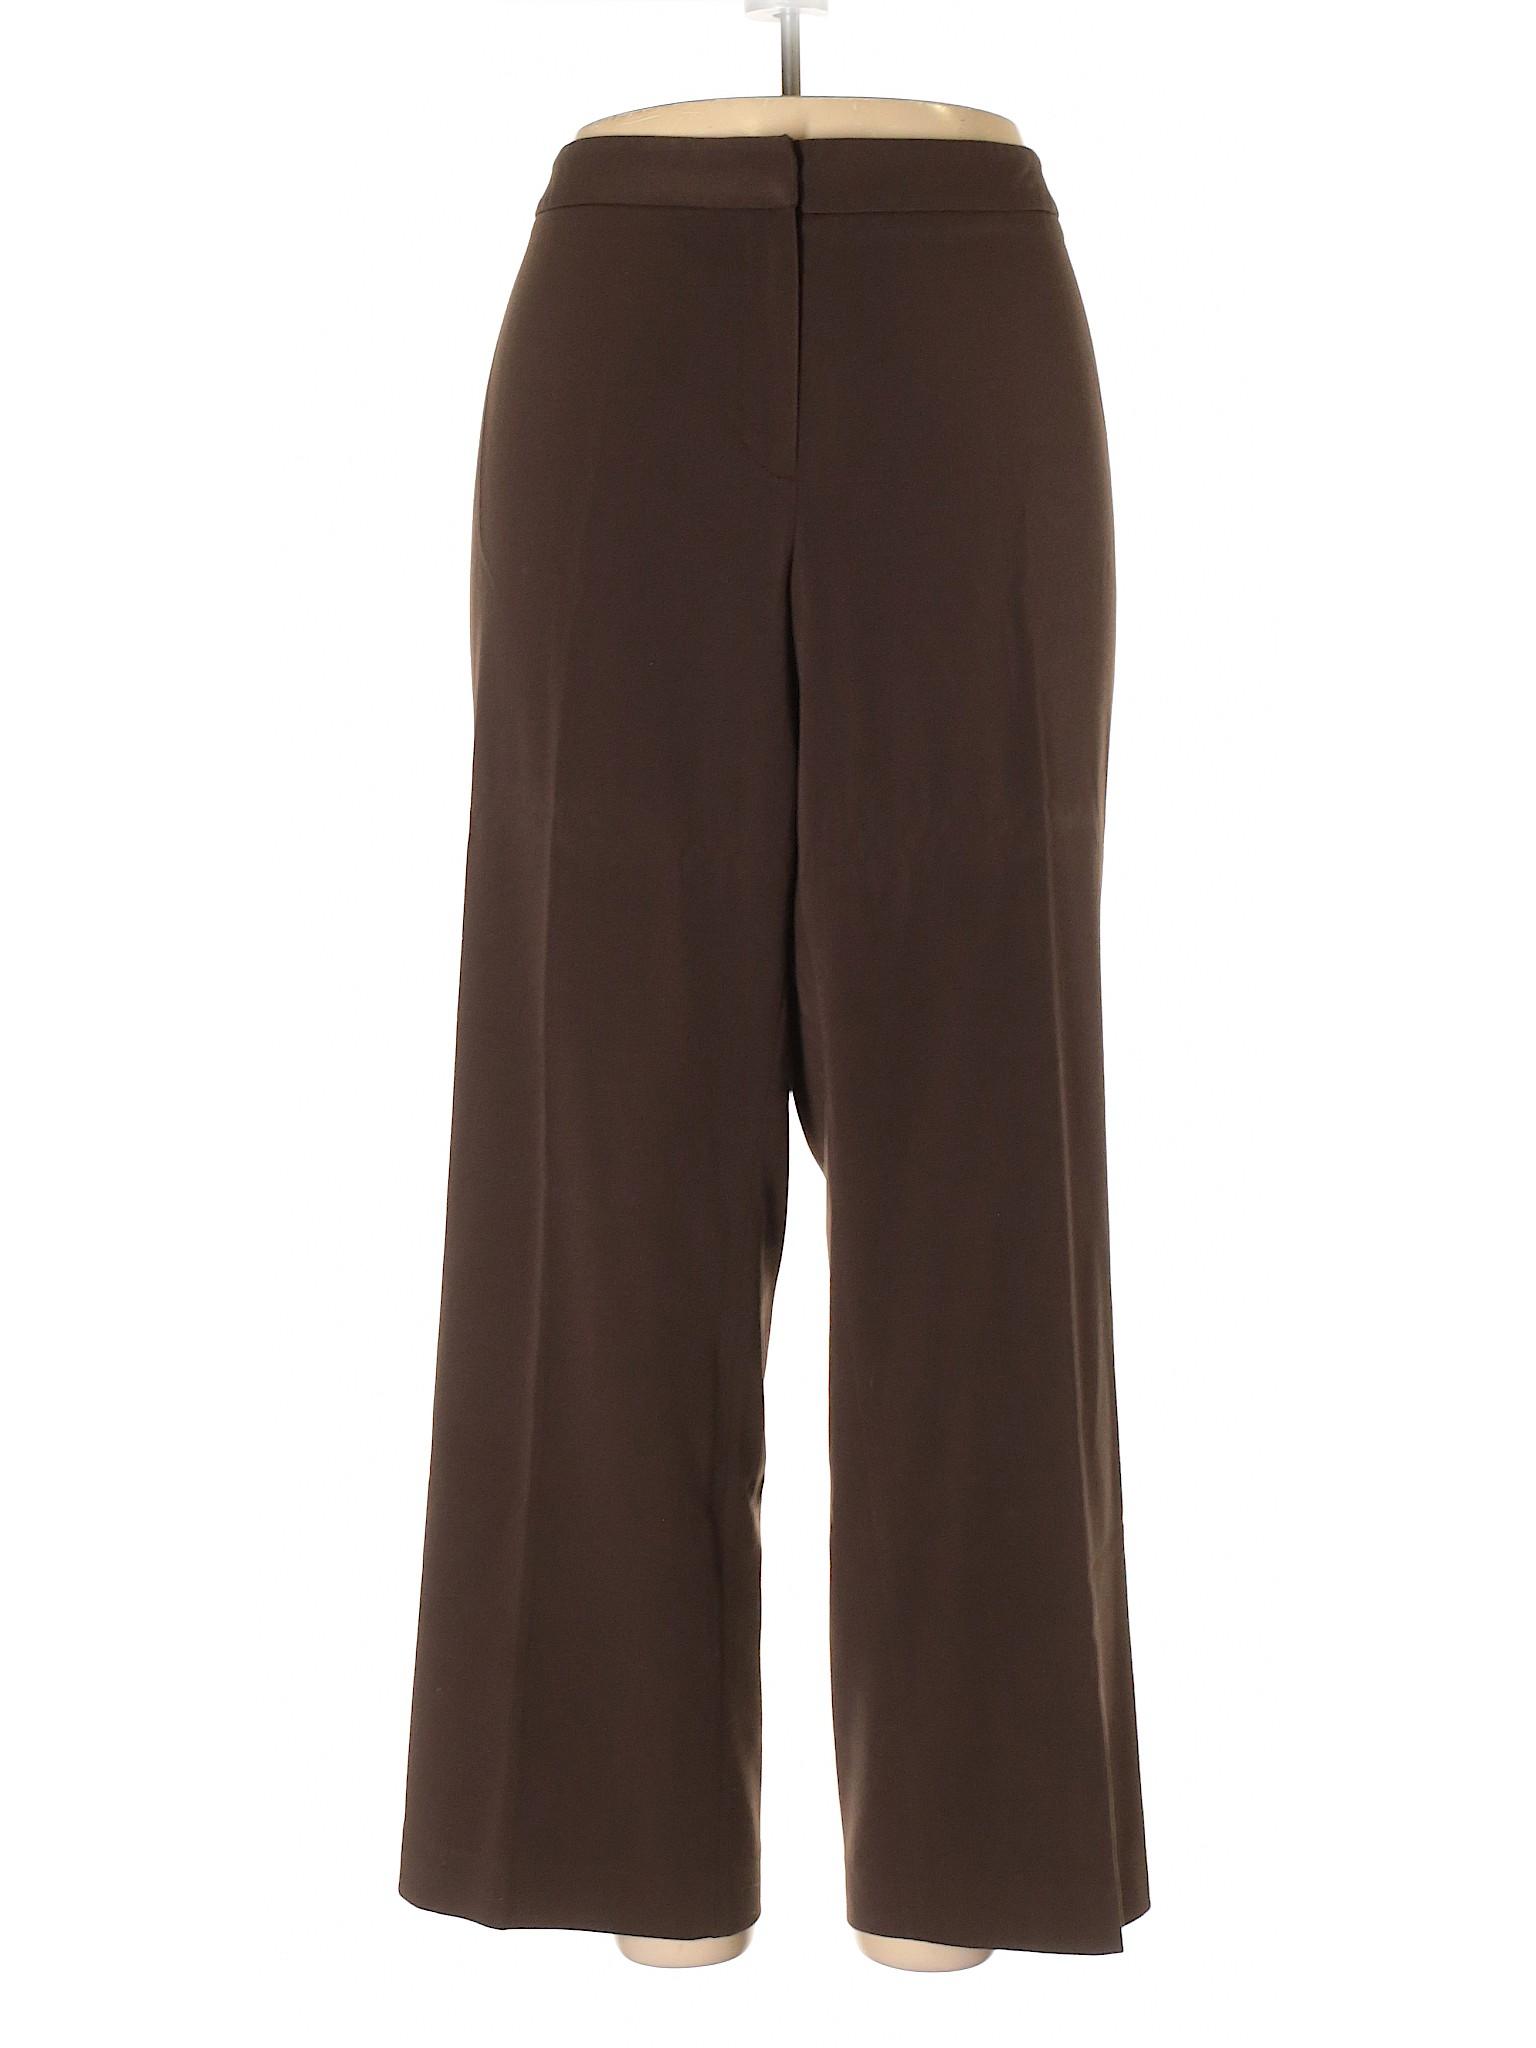 Apt Boutique Pants 9 winter Dress 15gg8wq